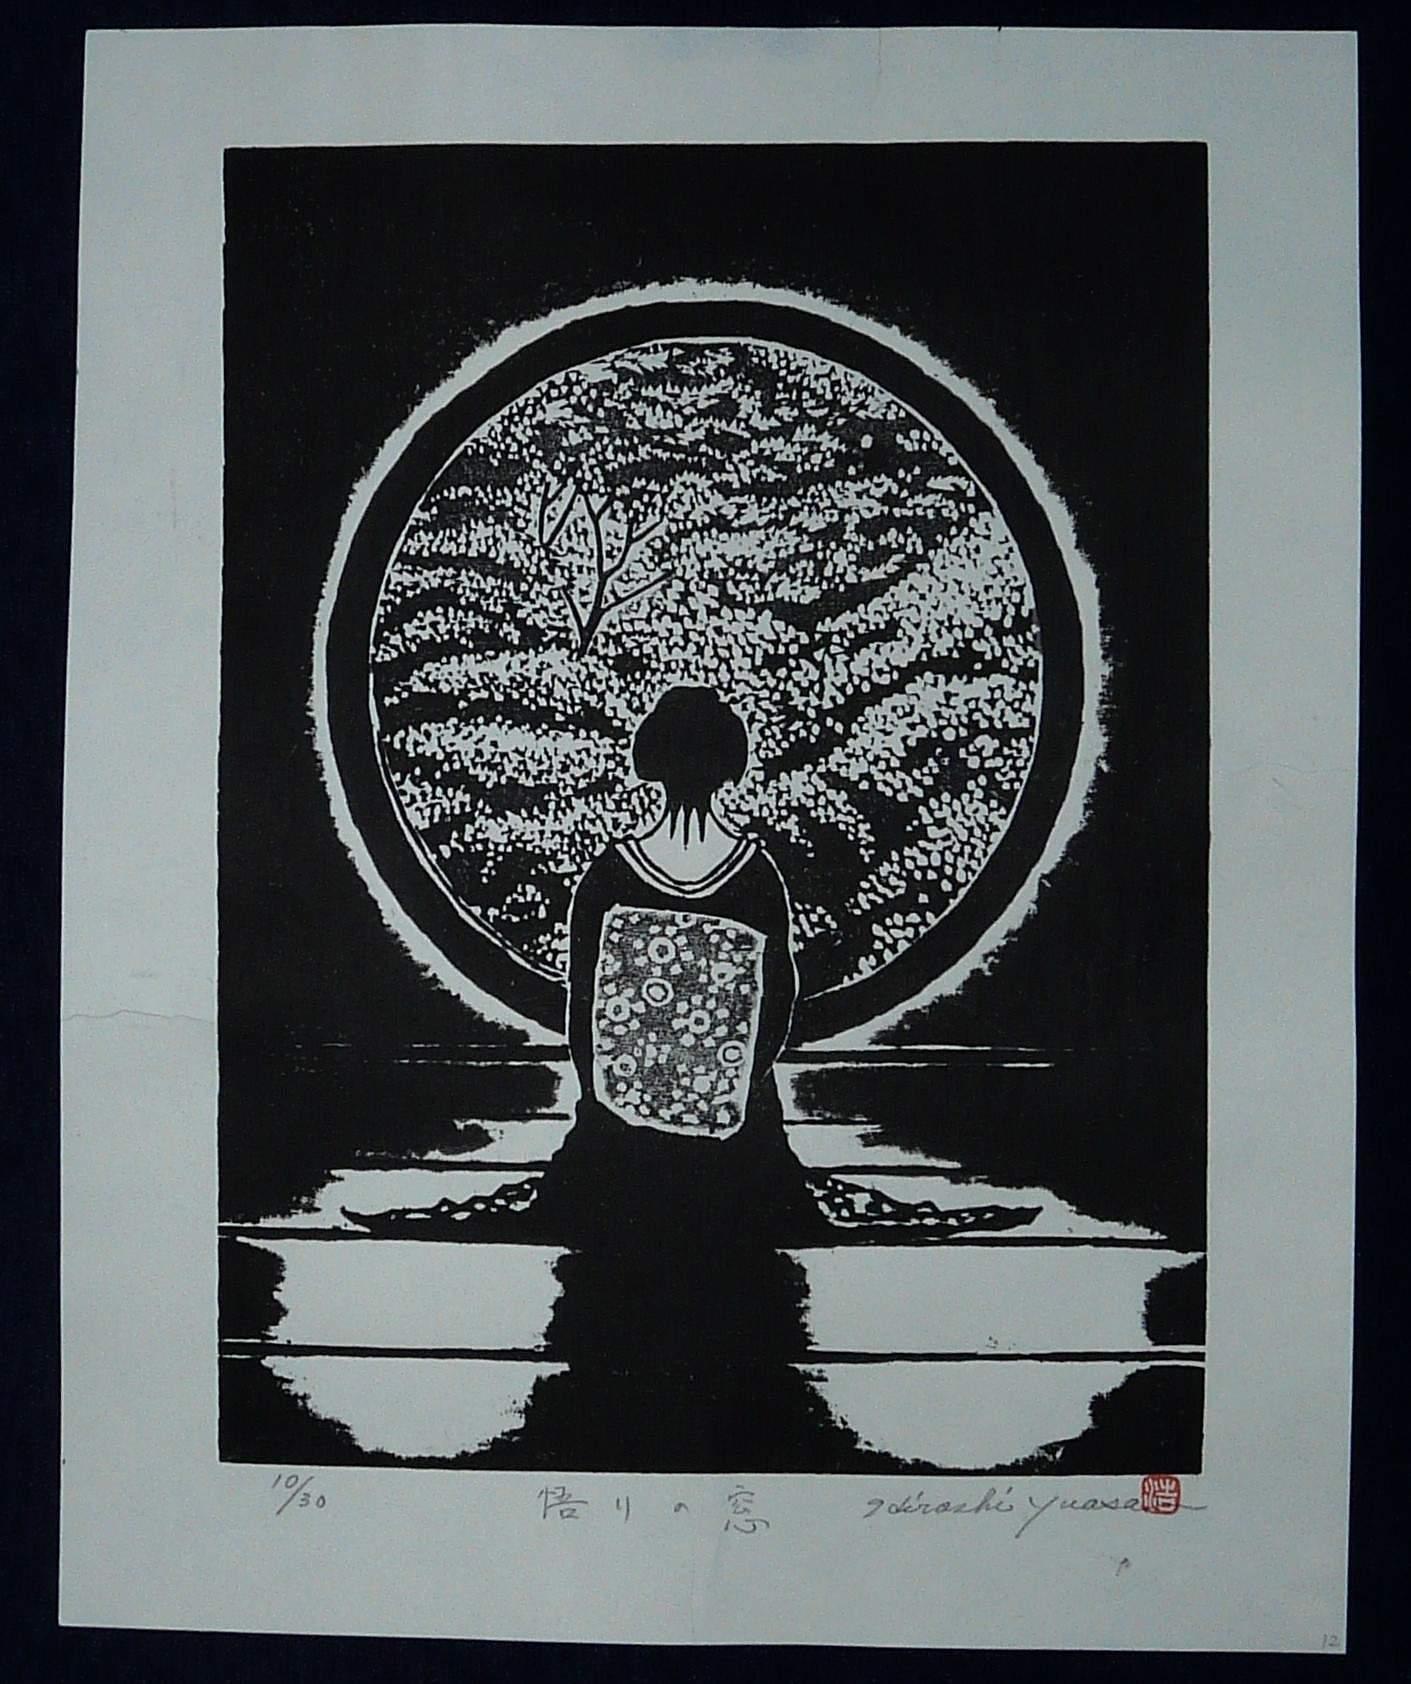 #P4211 WINDOW OF THE SOUL by Yuasa, Hiroshi